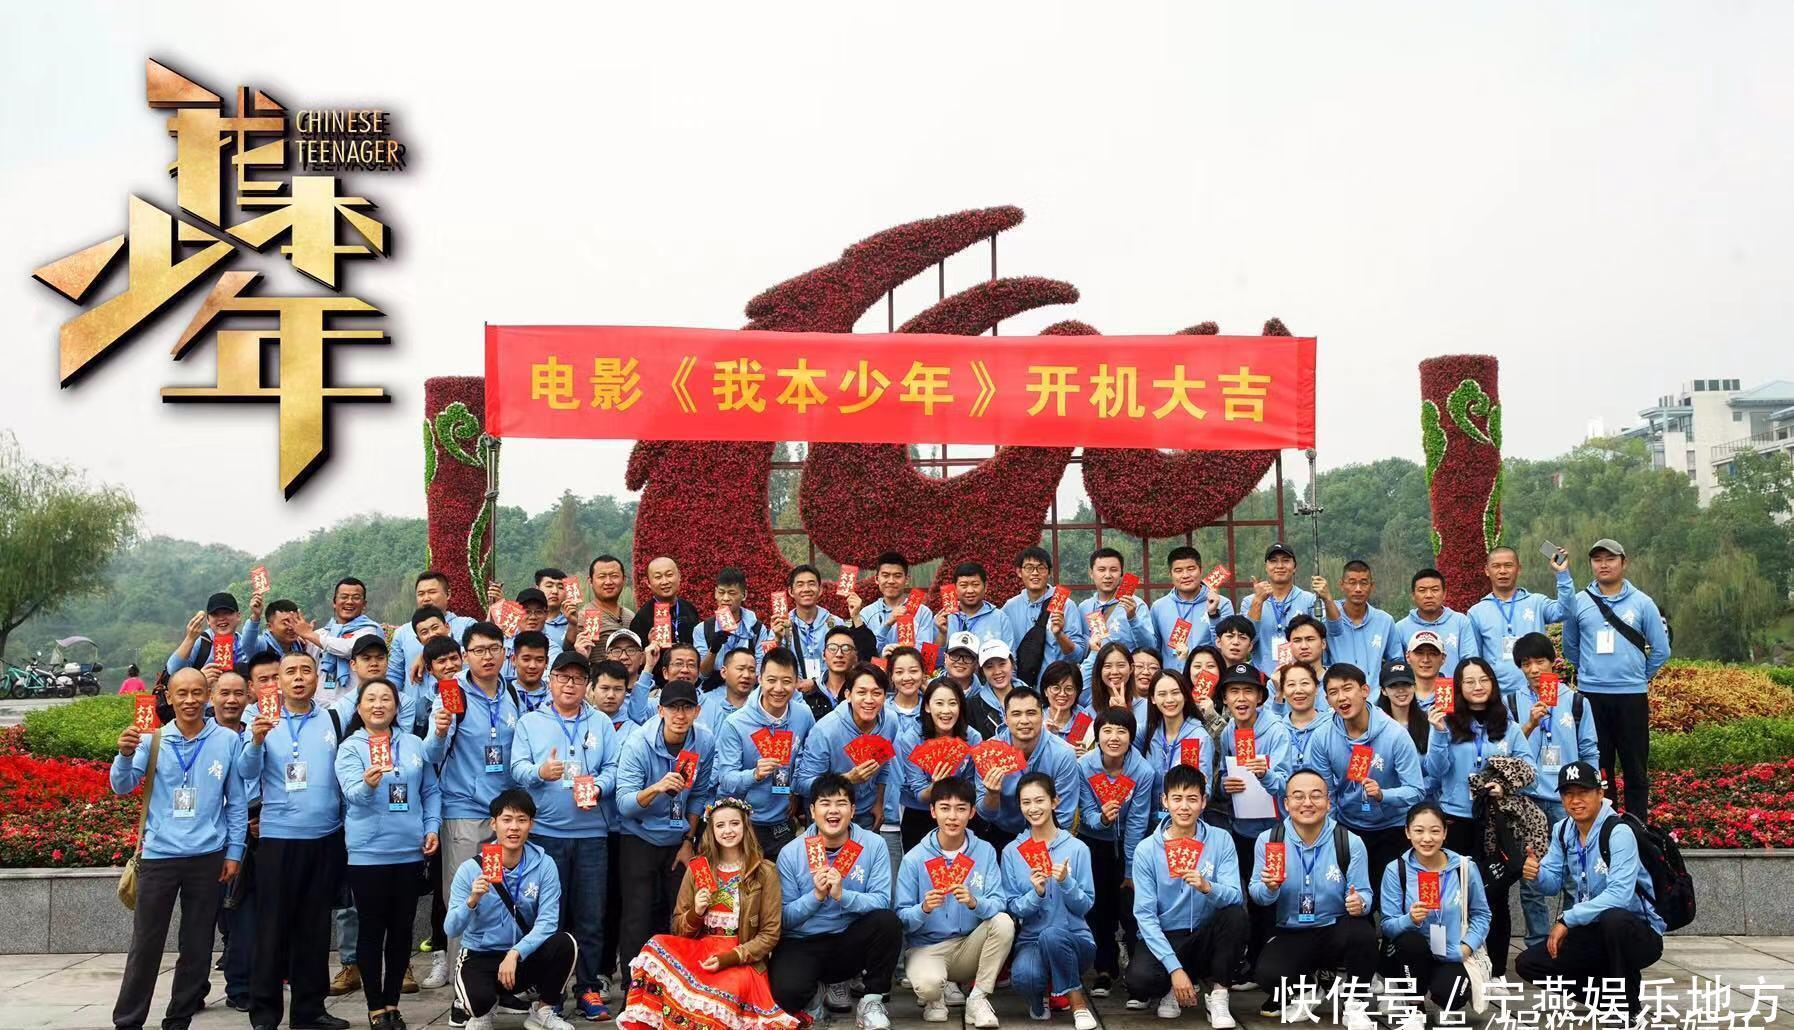 電影《我本少年》在重慶大學虎溪校區正式開機